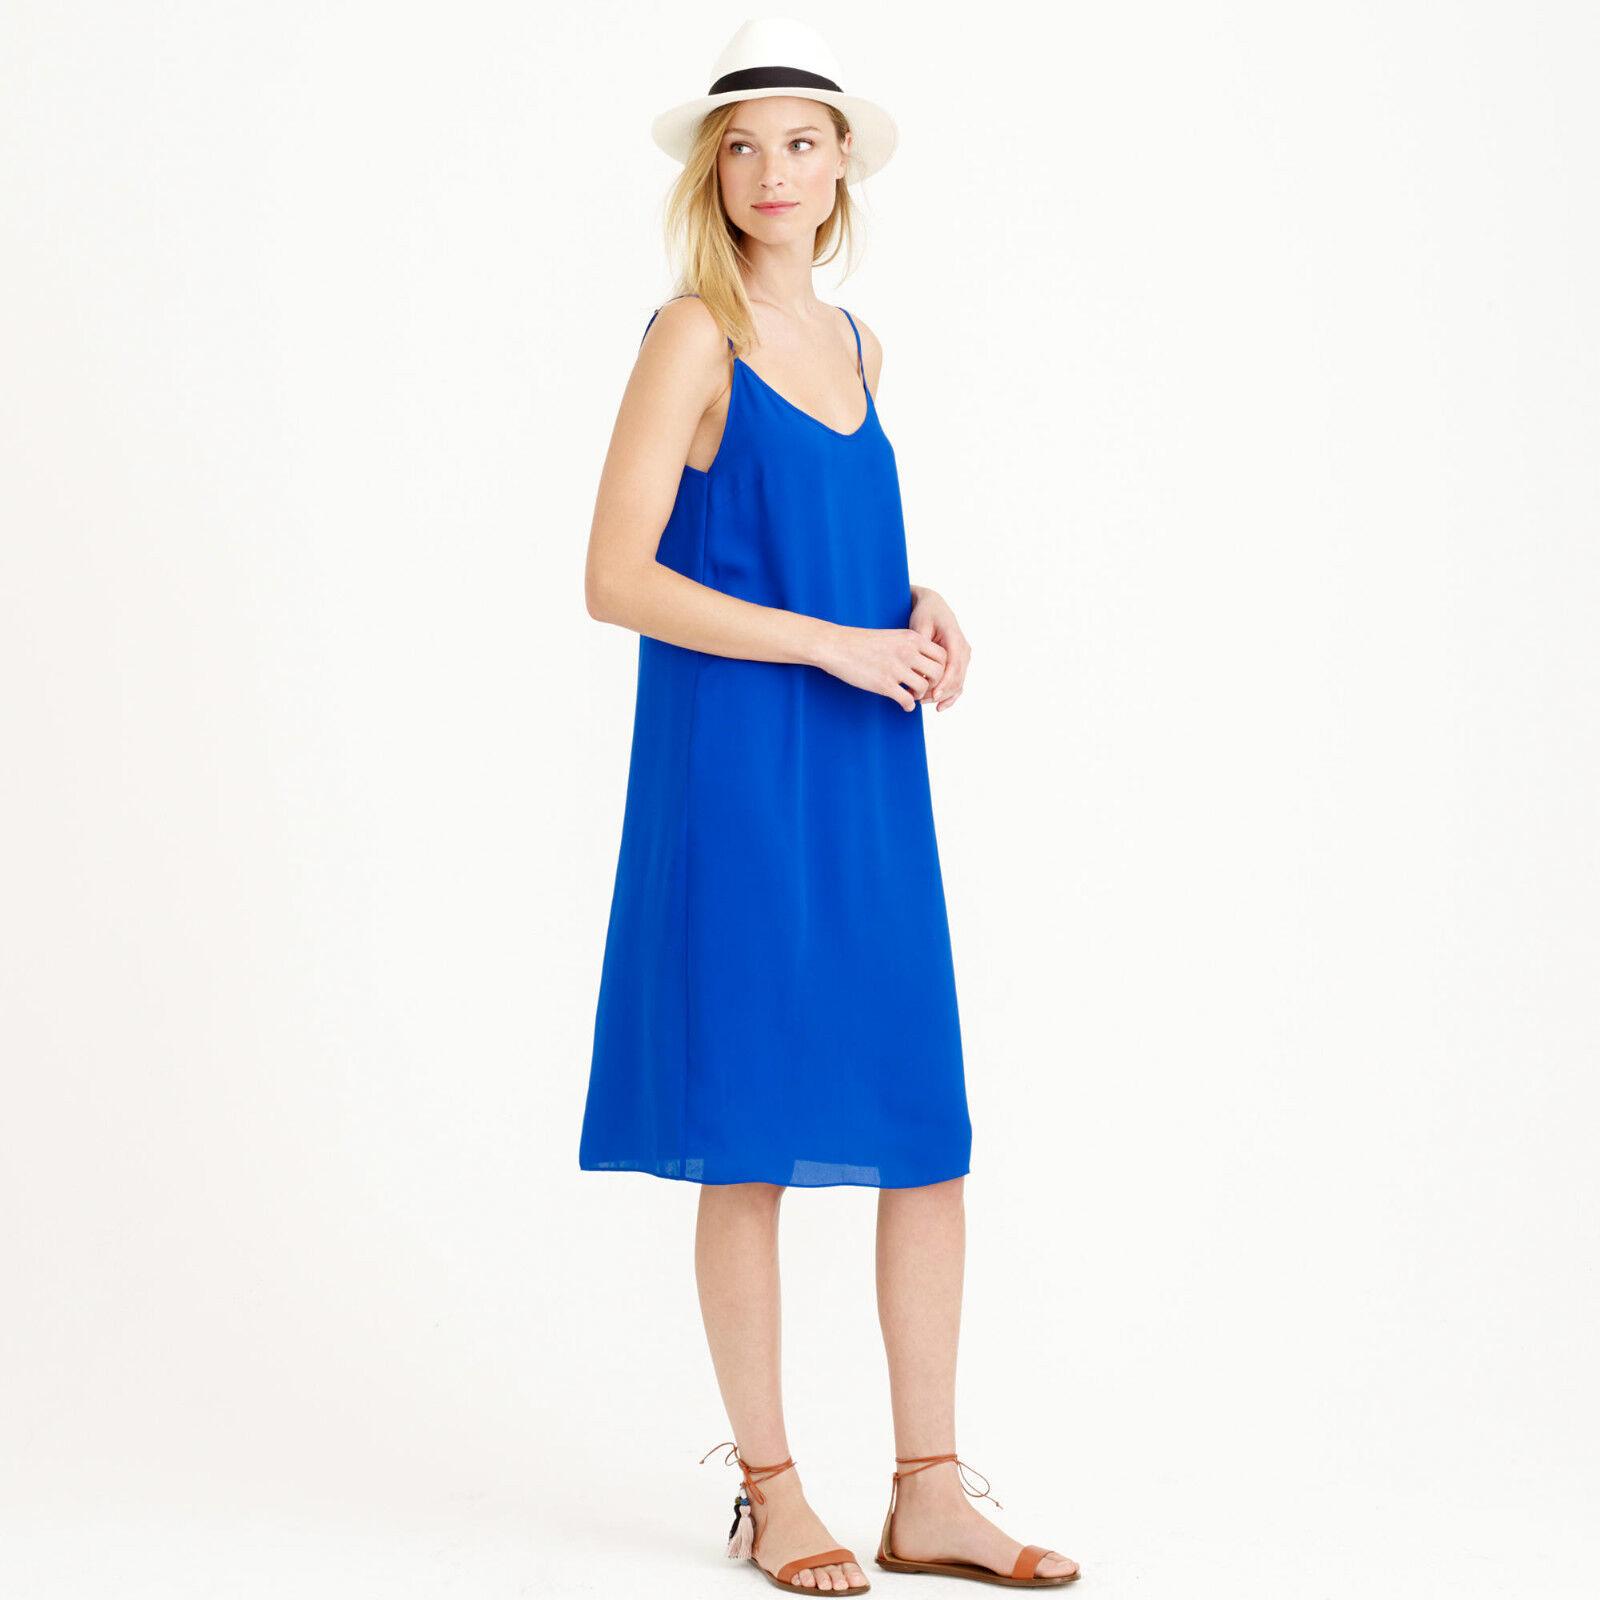 J.Crew Crepe Dress Size ROYAL blueE Size XXS